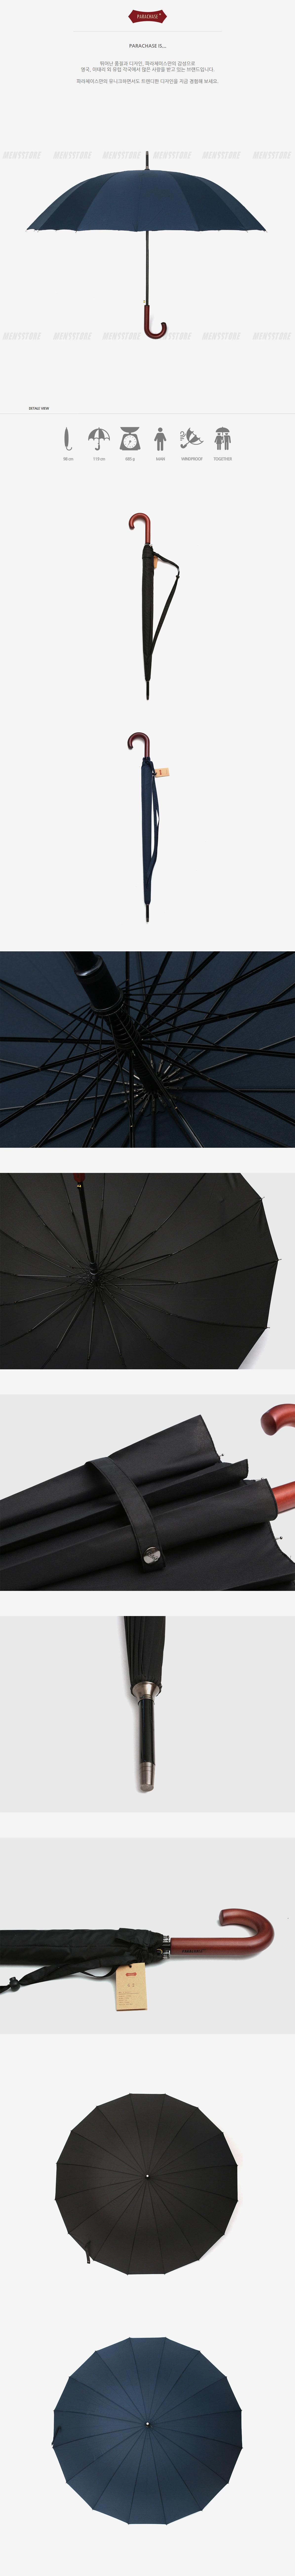 파라체이스(PARACHASE) 1085 프리미엄 곡자 레드우드 그립 16K 대형 자동 장우산